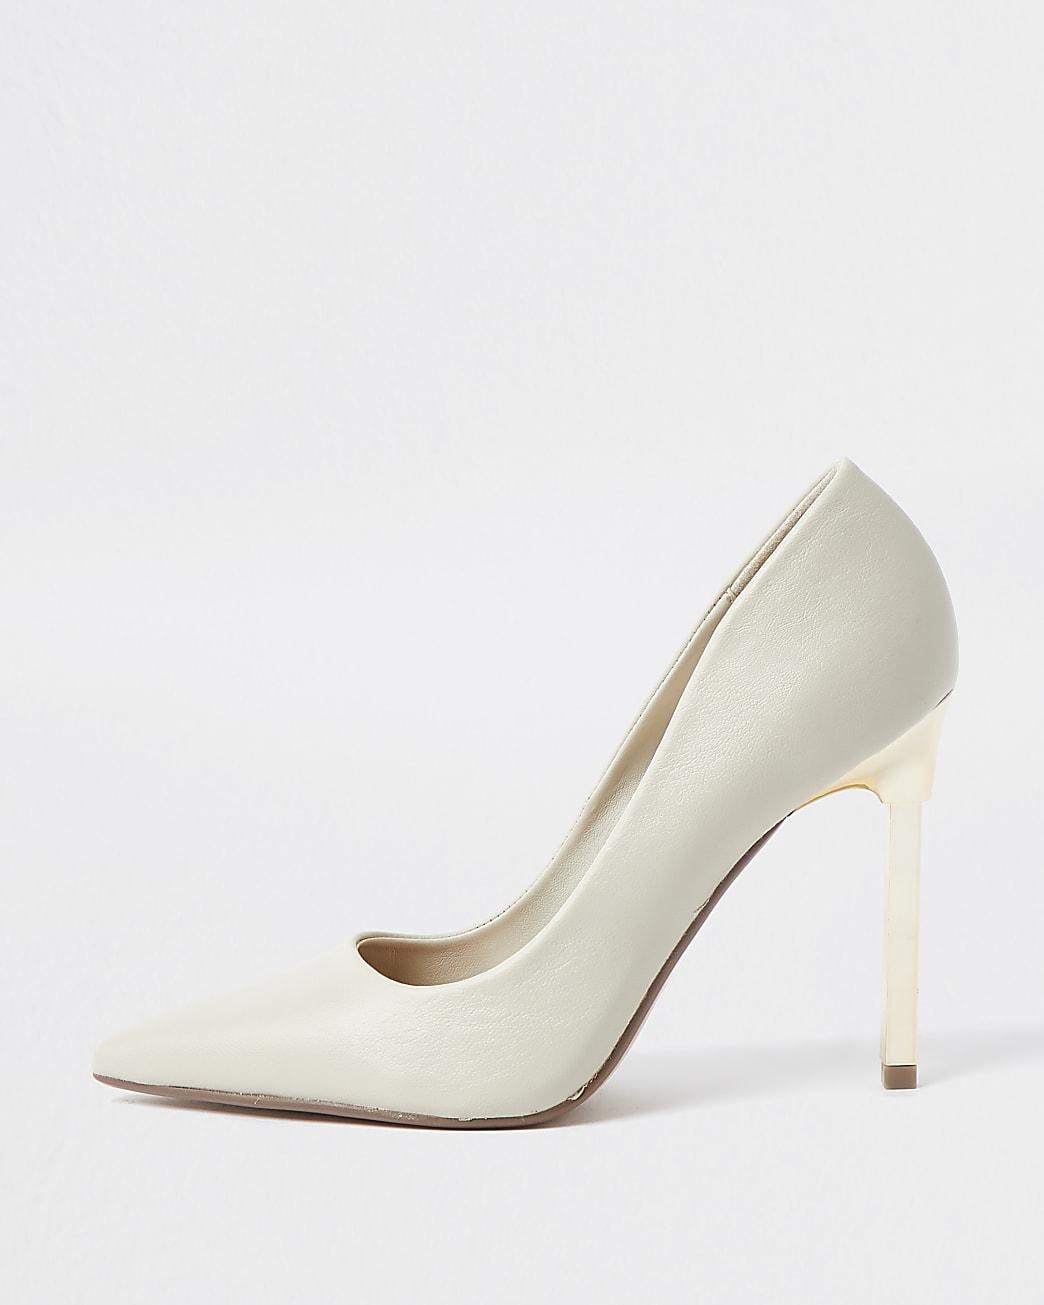 Beige pointed stiletto court heel